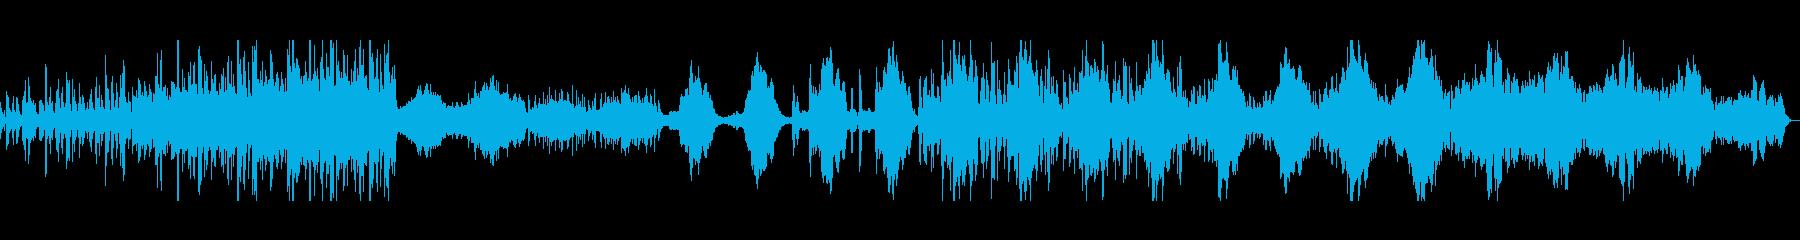 軽快で明るめのオーケストラ曲の再生済みの波形